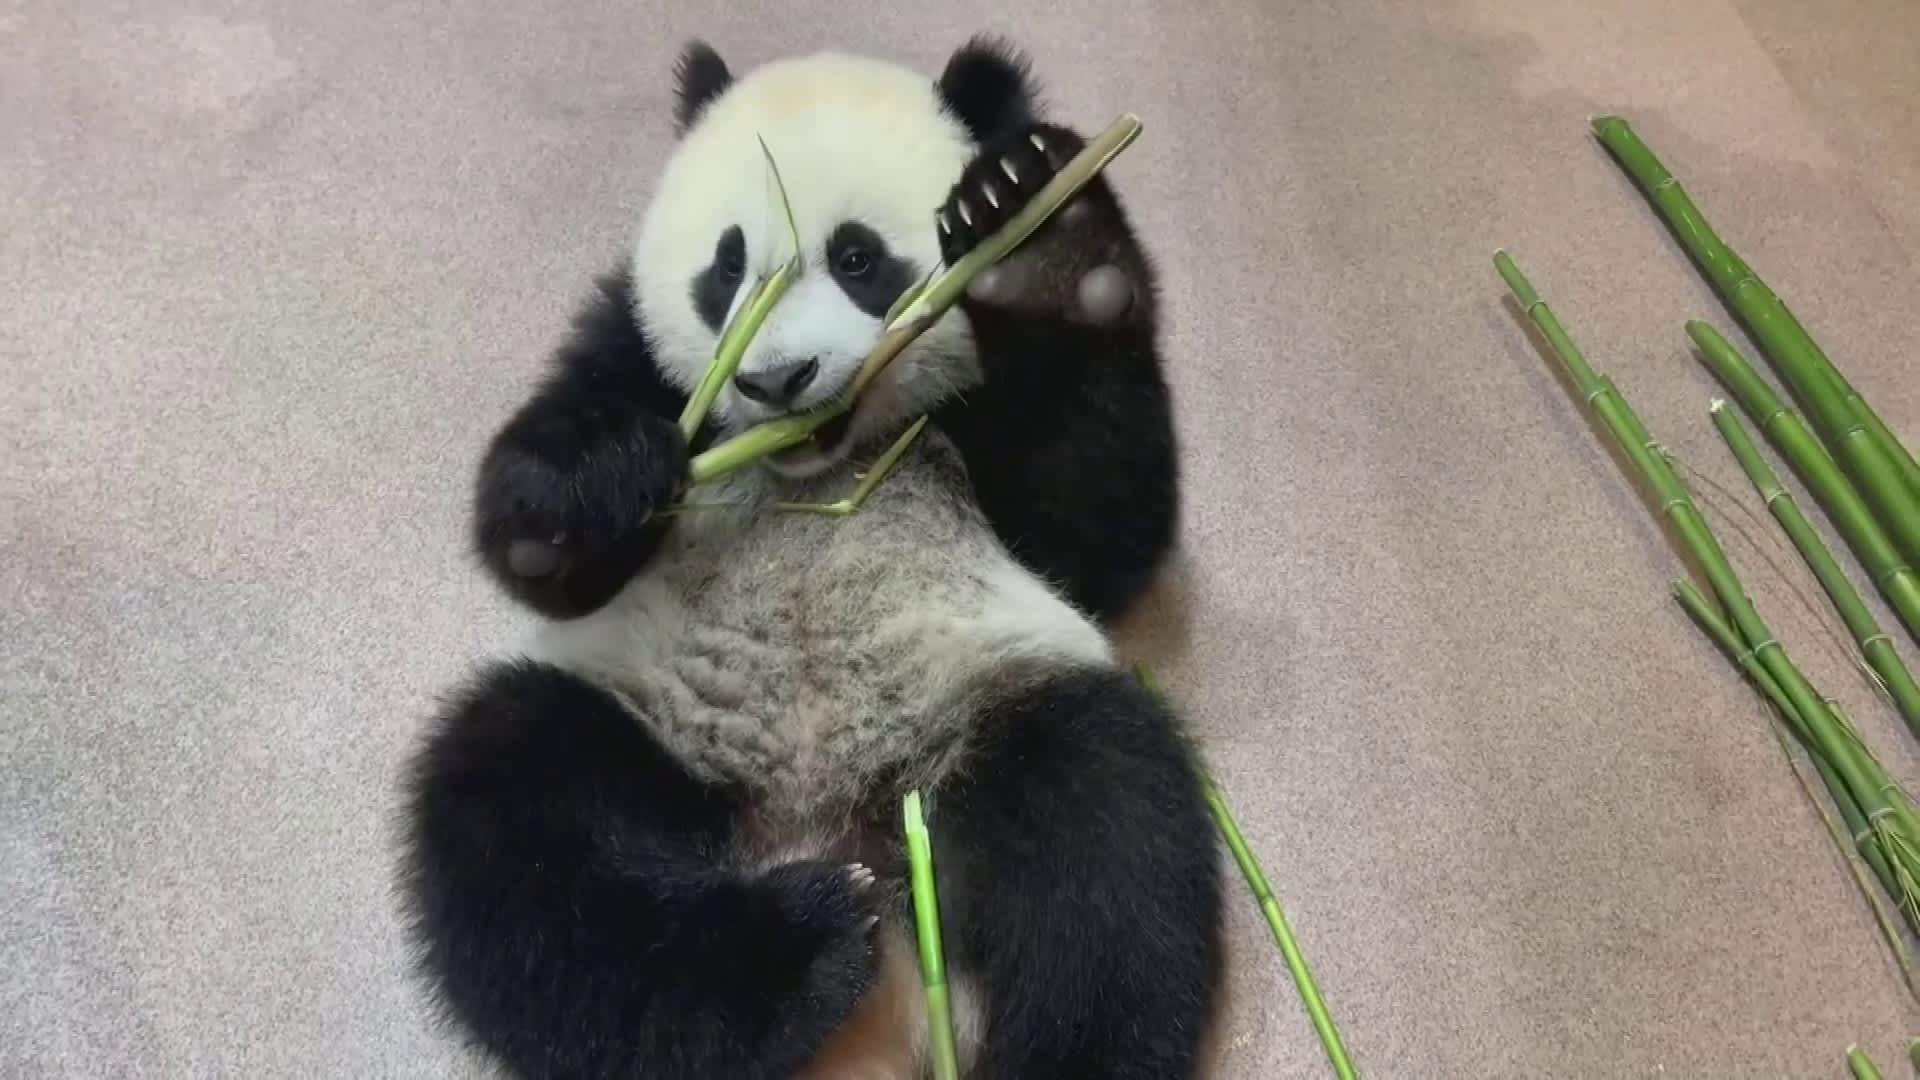 Suomalaistutkijat selvittivät: Isopanda päätyi bambunsyöjäksi leukanivelten ainutlaatuisen kehittymisen myötä